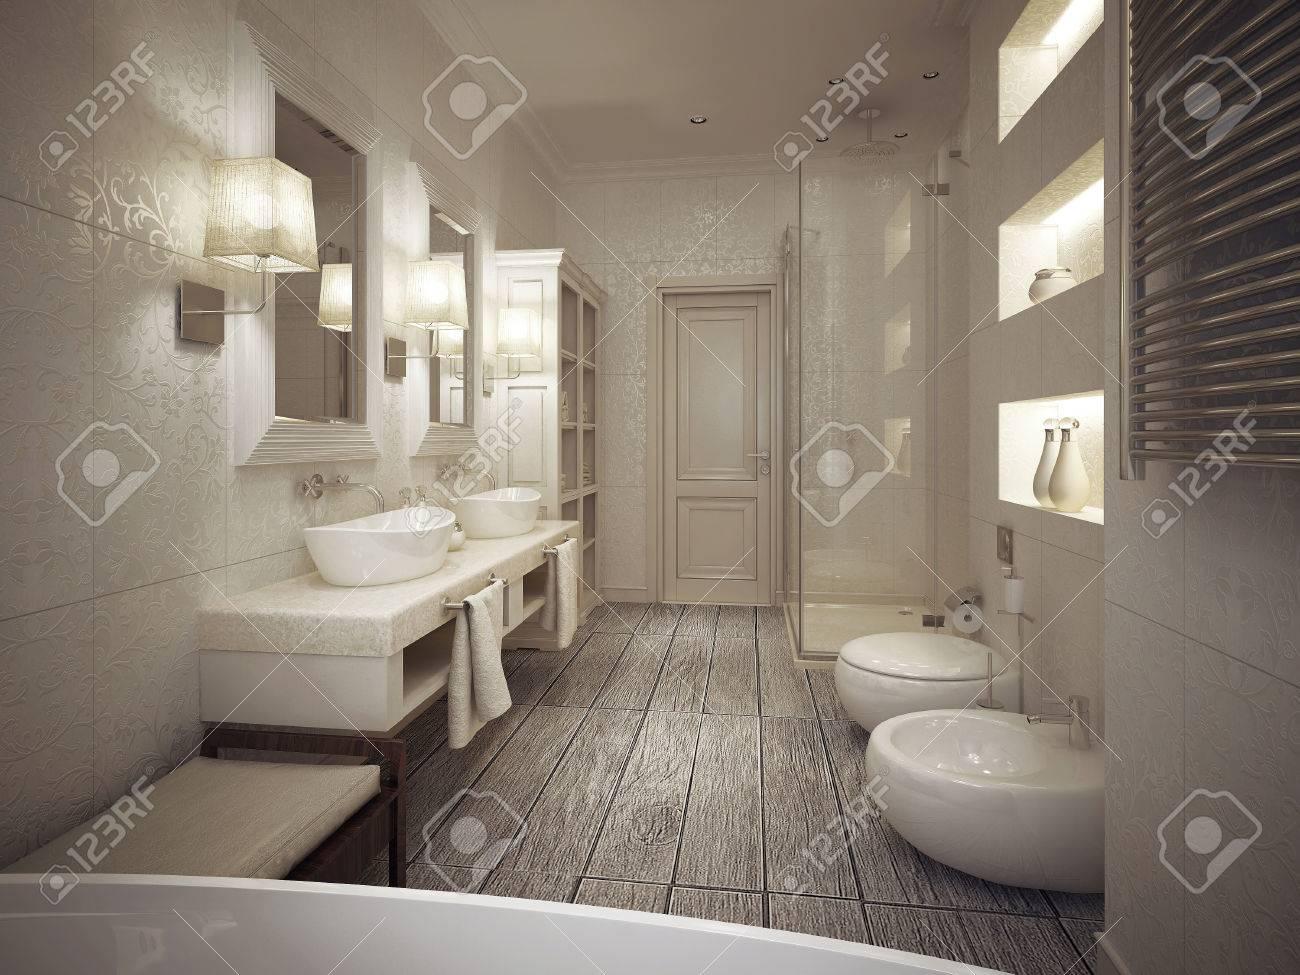 Il bagno è uno stile classico con piastrelle a motivi geometrici